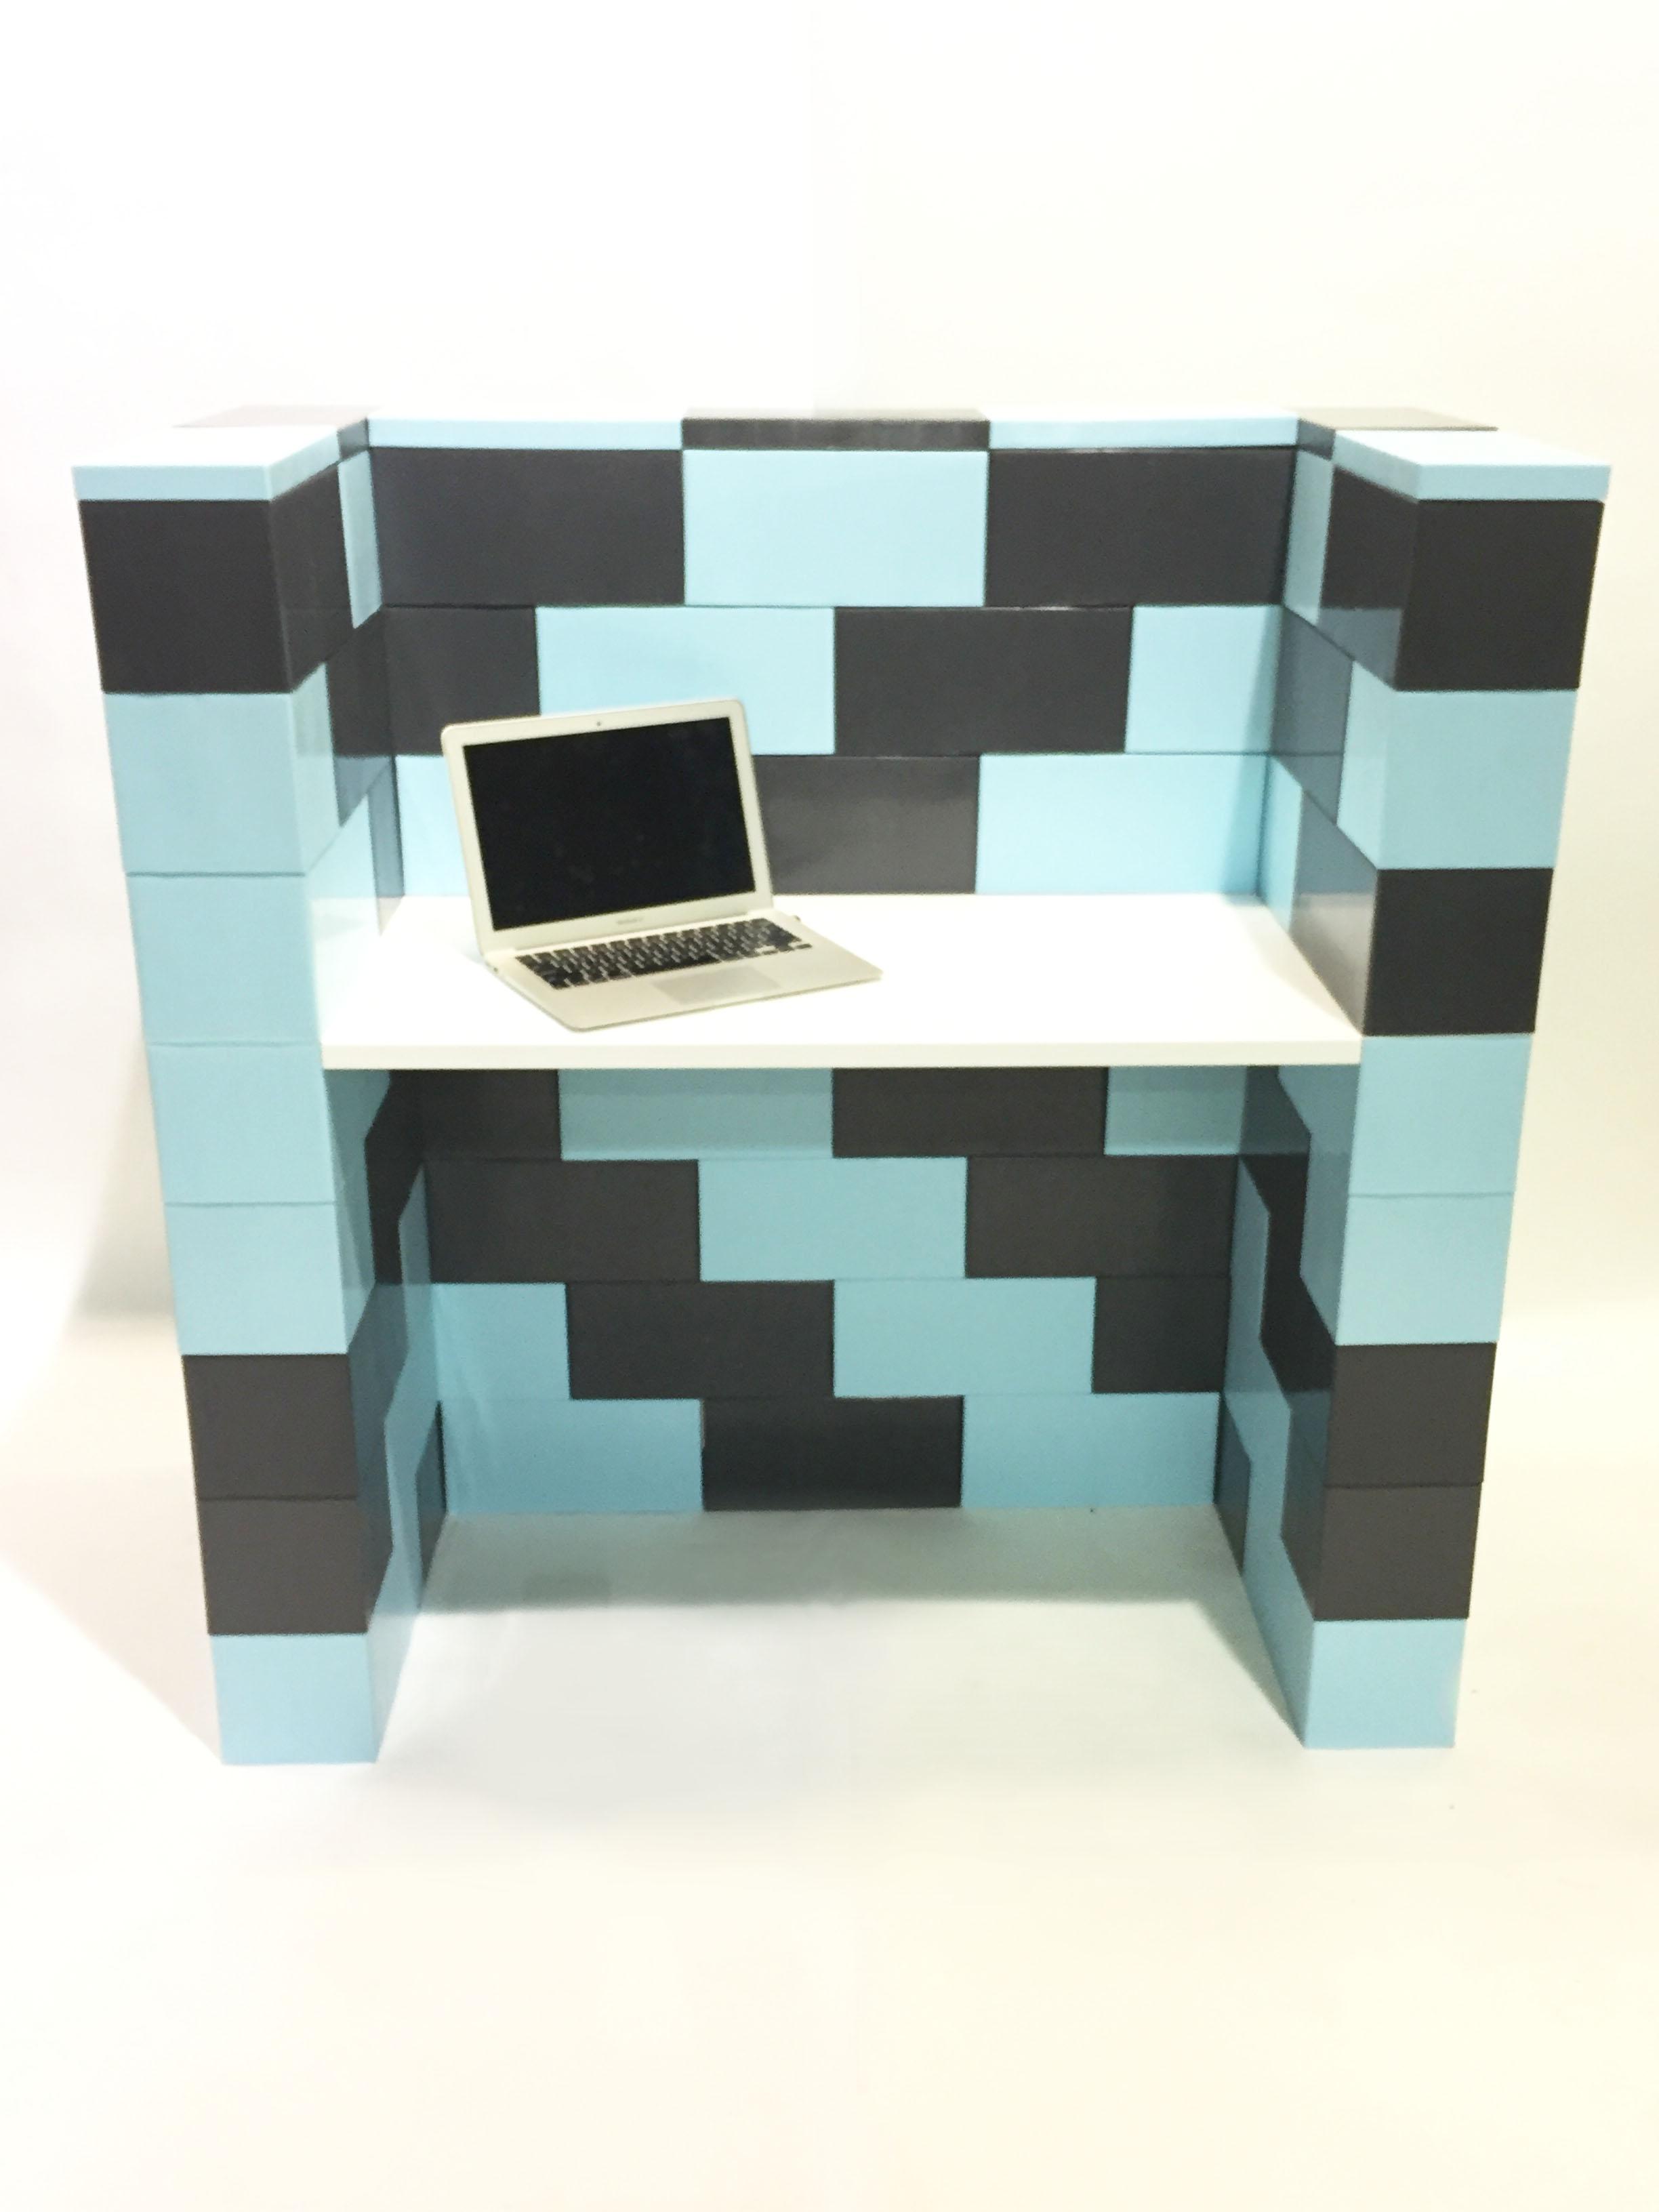 Sales Desks and Office Furniture